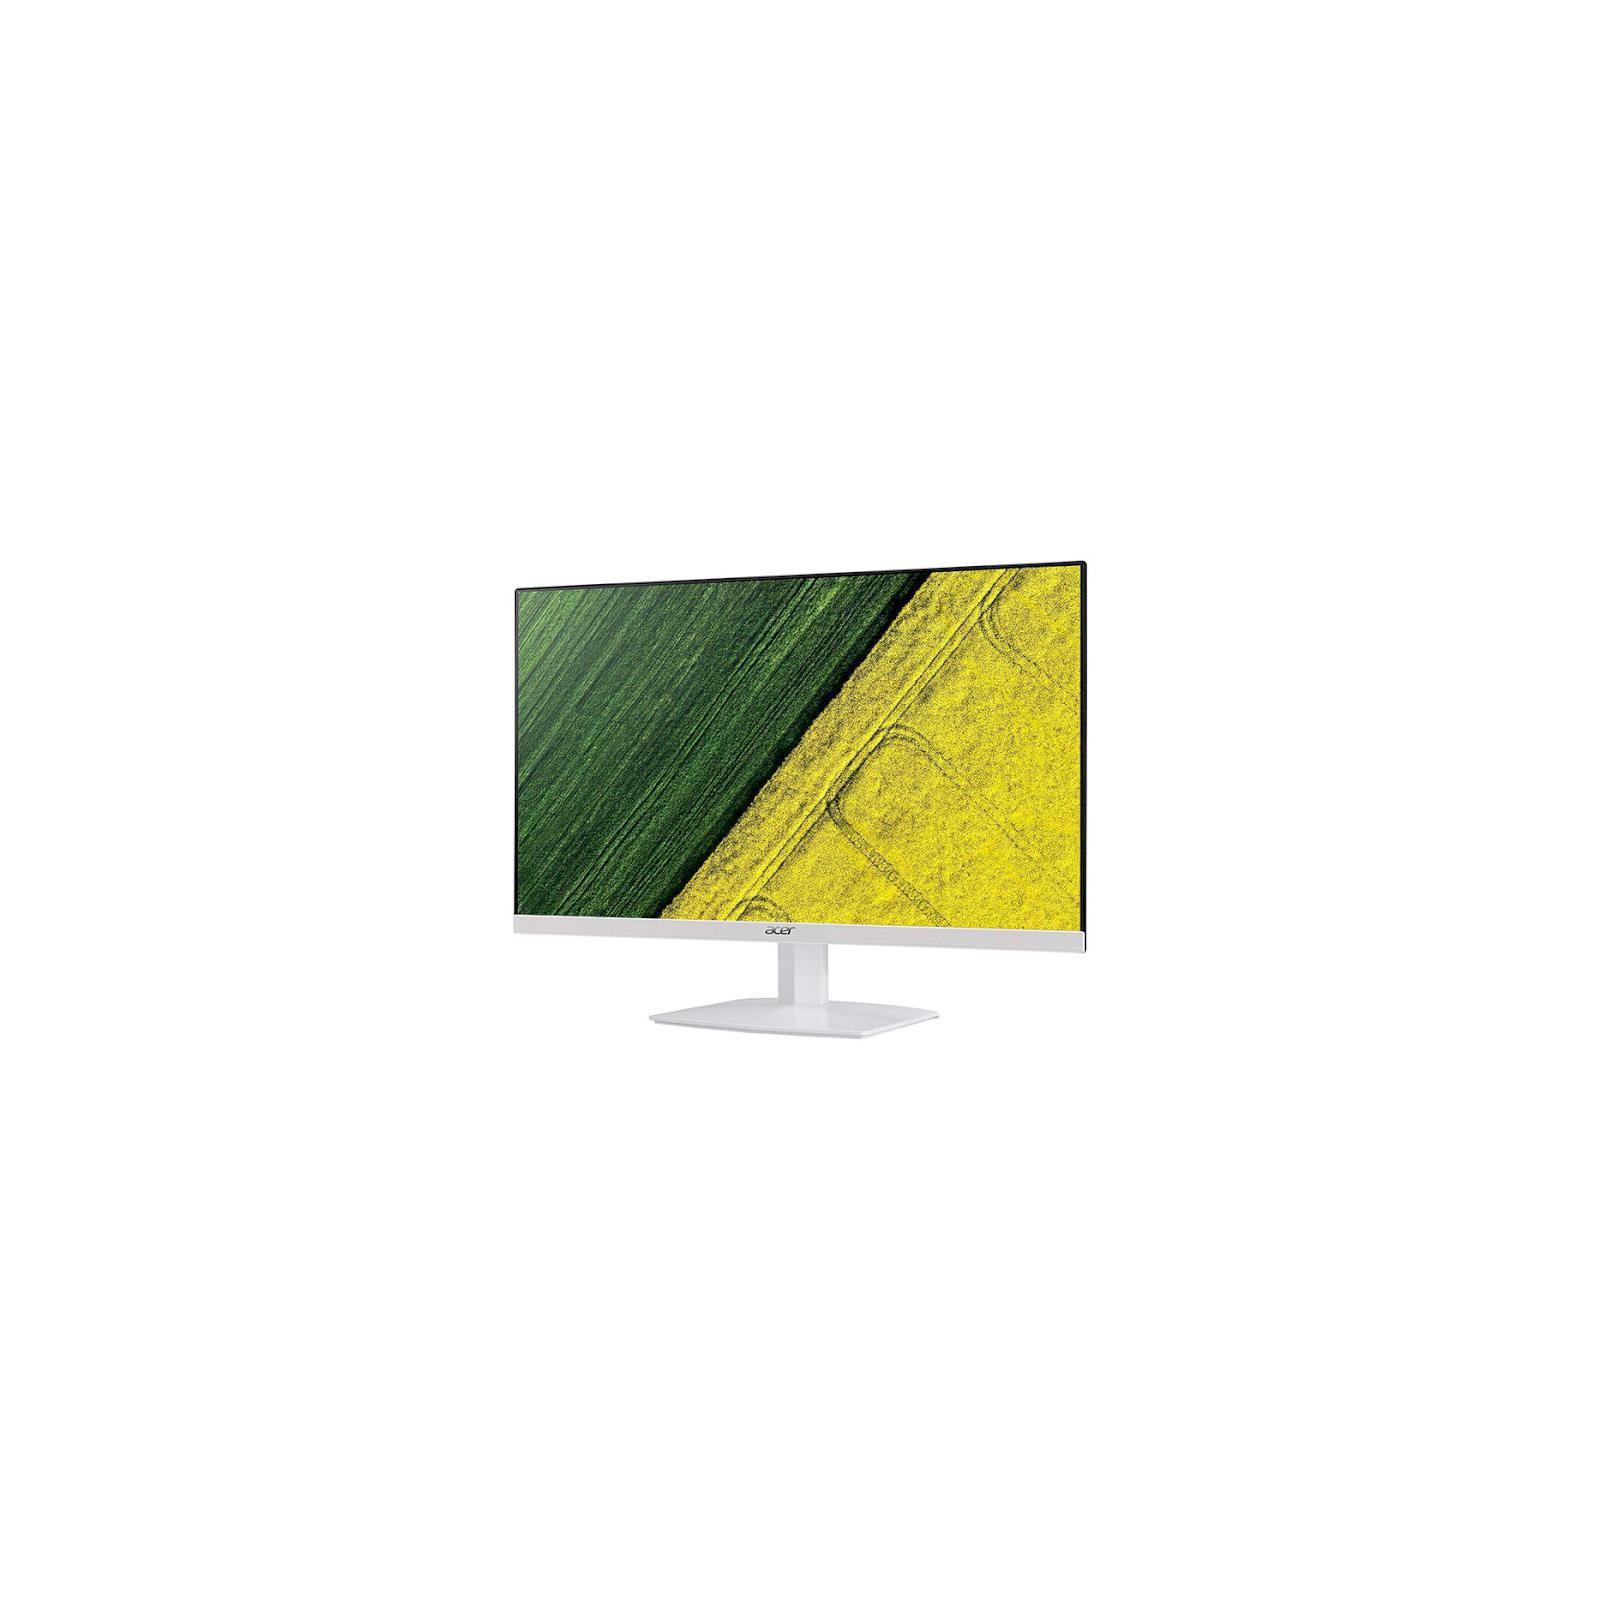 Монитор Acer HA240YAWI (UM.QW0EE.A01) изображение 4